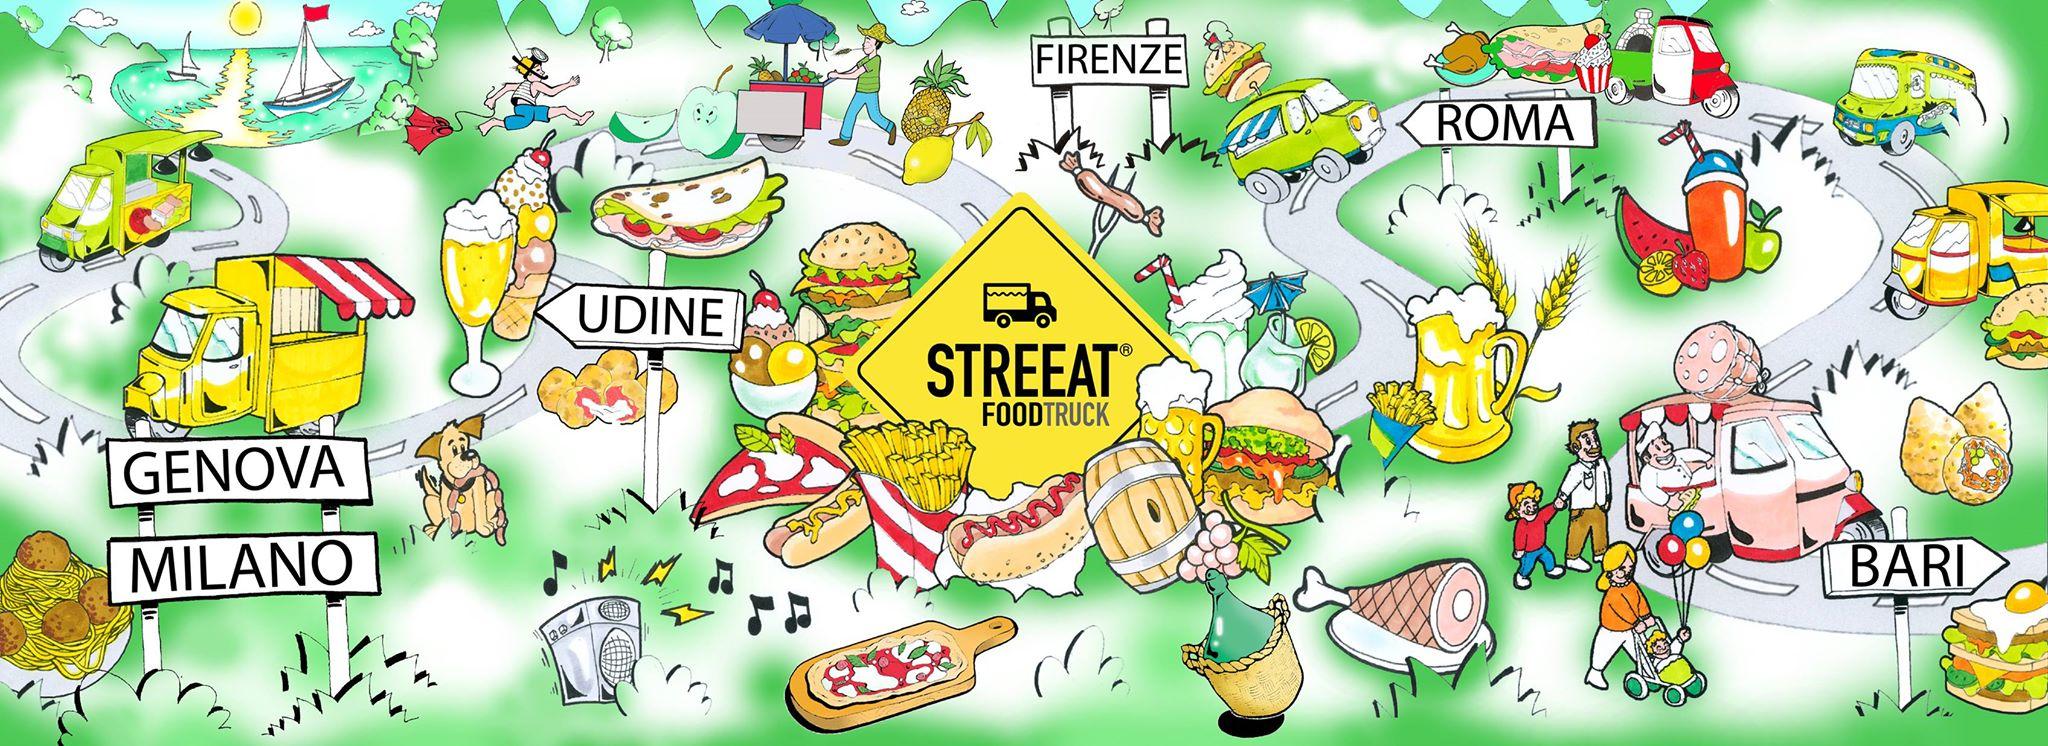 STREEAT® FOODTRUCK FESTIVAL, il festival italiano dedicato al cibo di qualità - Dal 2 al 4 Ottobre 2015 a Firenze